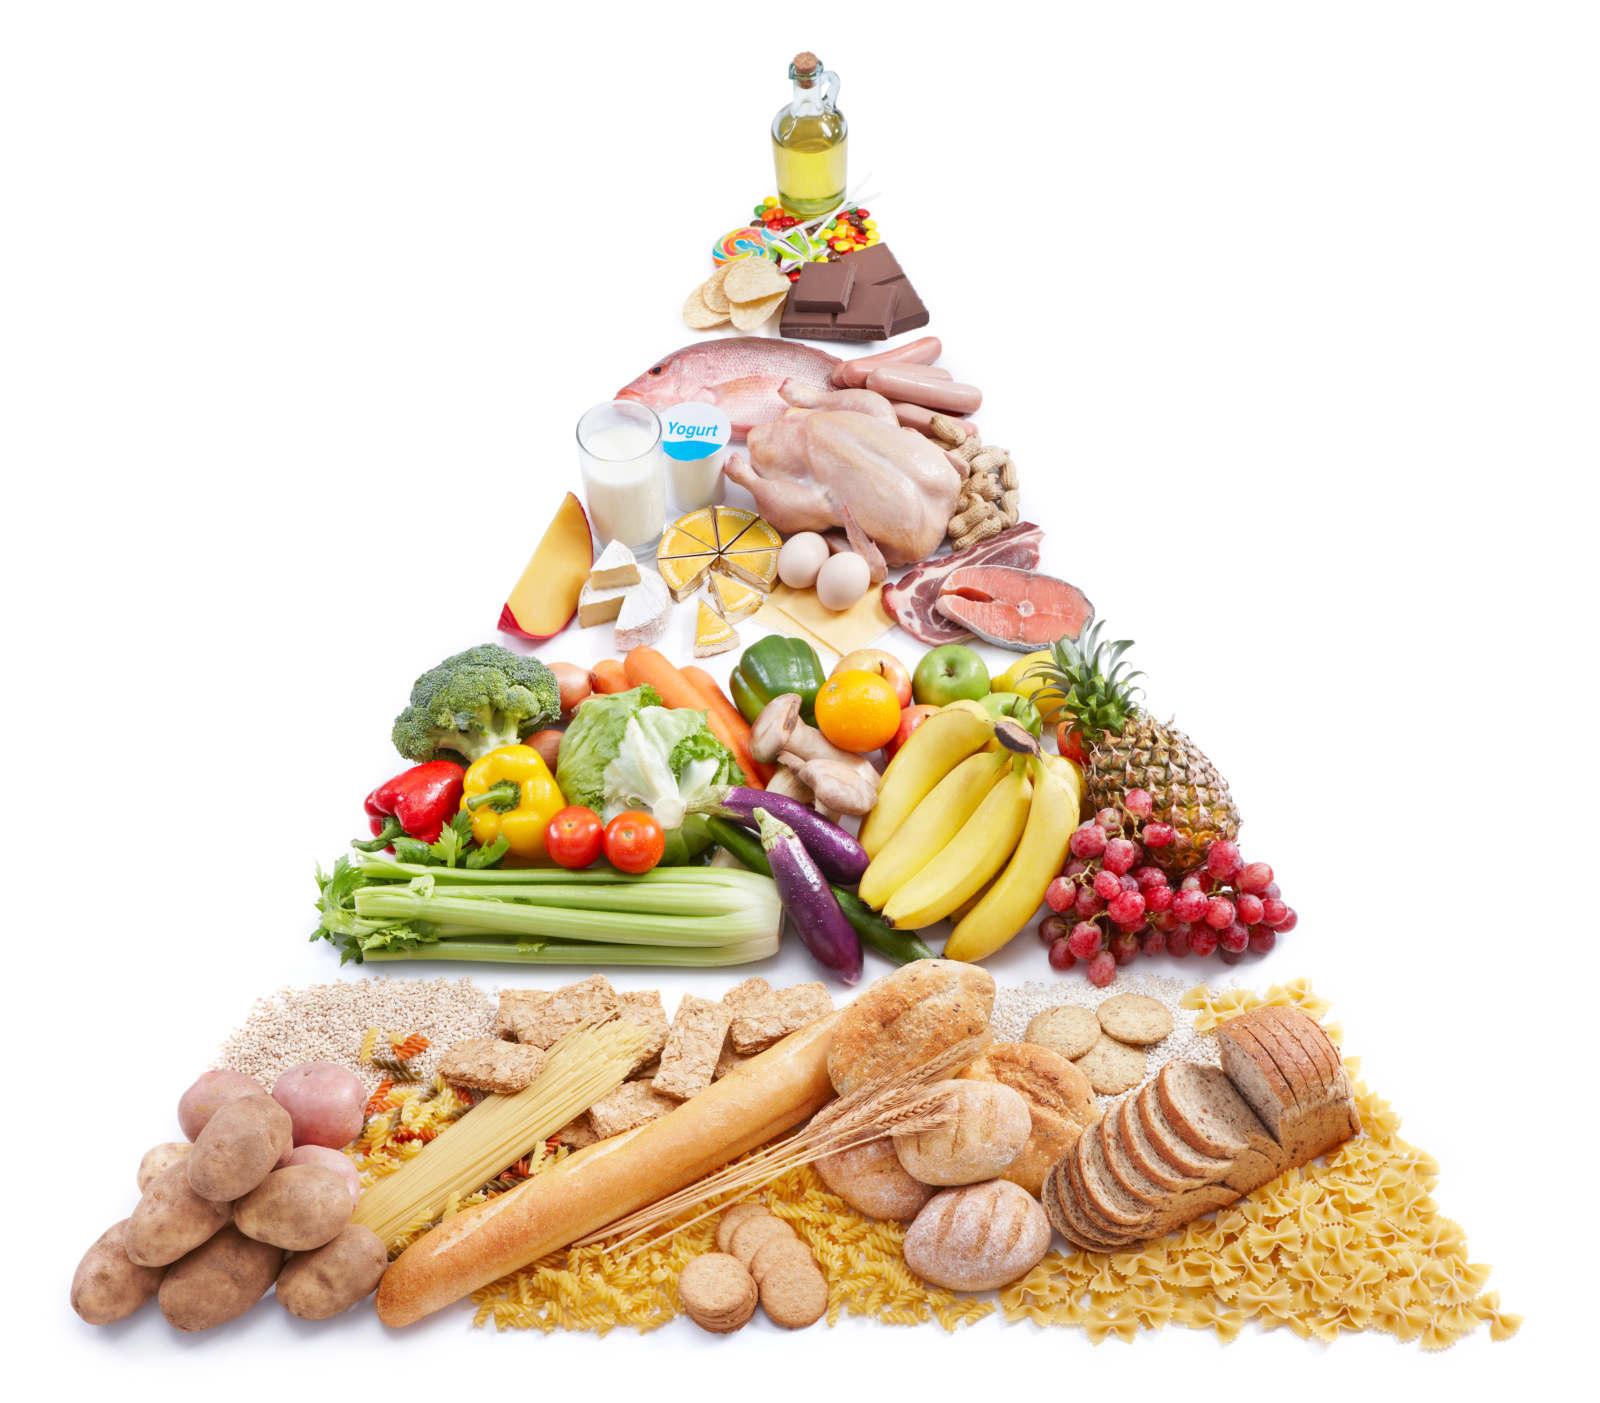 Potravinová pyramida navrhuje přibližné poměry mezi jednotlivými typy konzumovaných potravin, které bychom měli dodržovat.